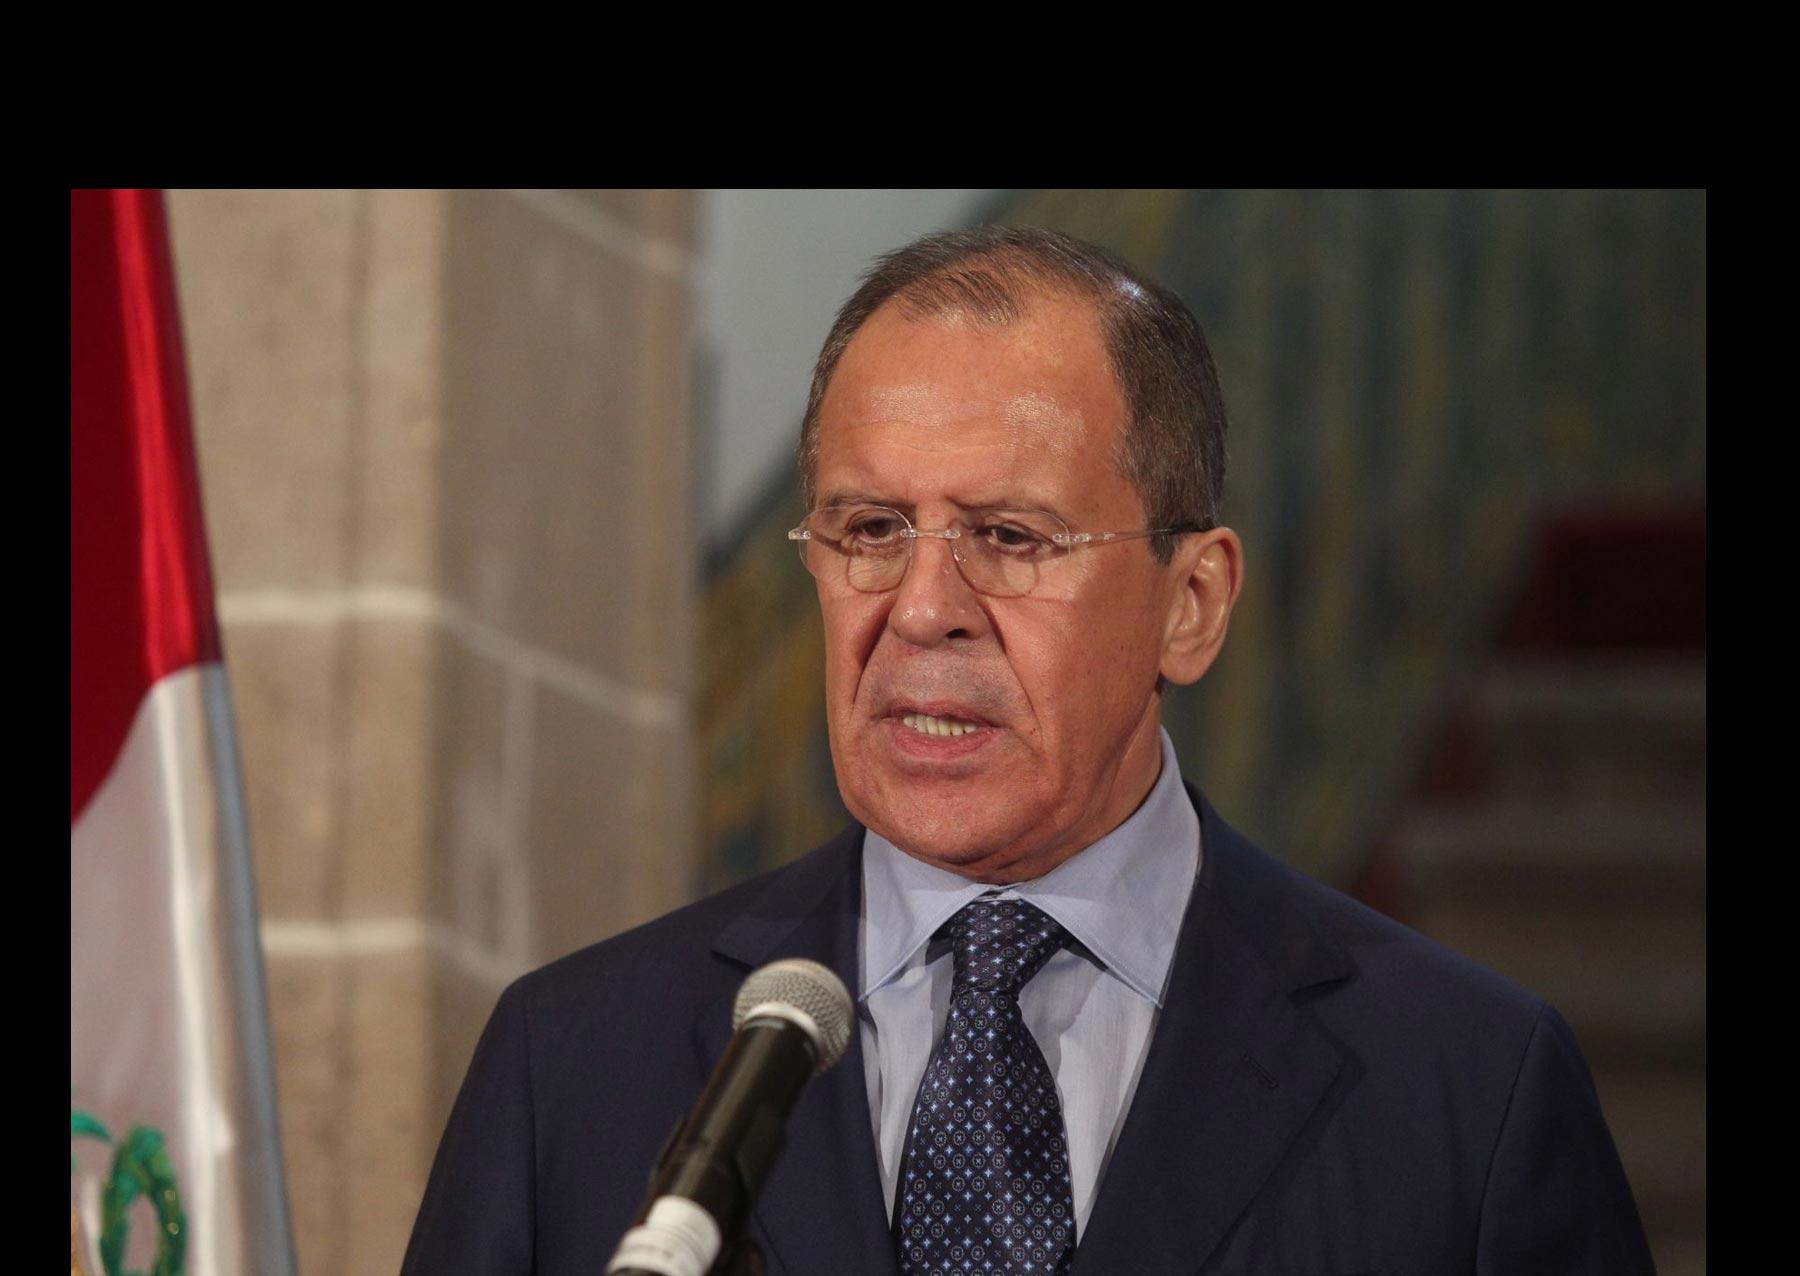 Así lo aseguró el ministro de exteriores, Serguei Lavrov. La idea sería defenderse de los terroristas